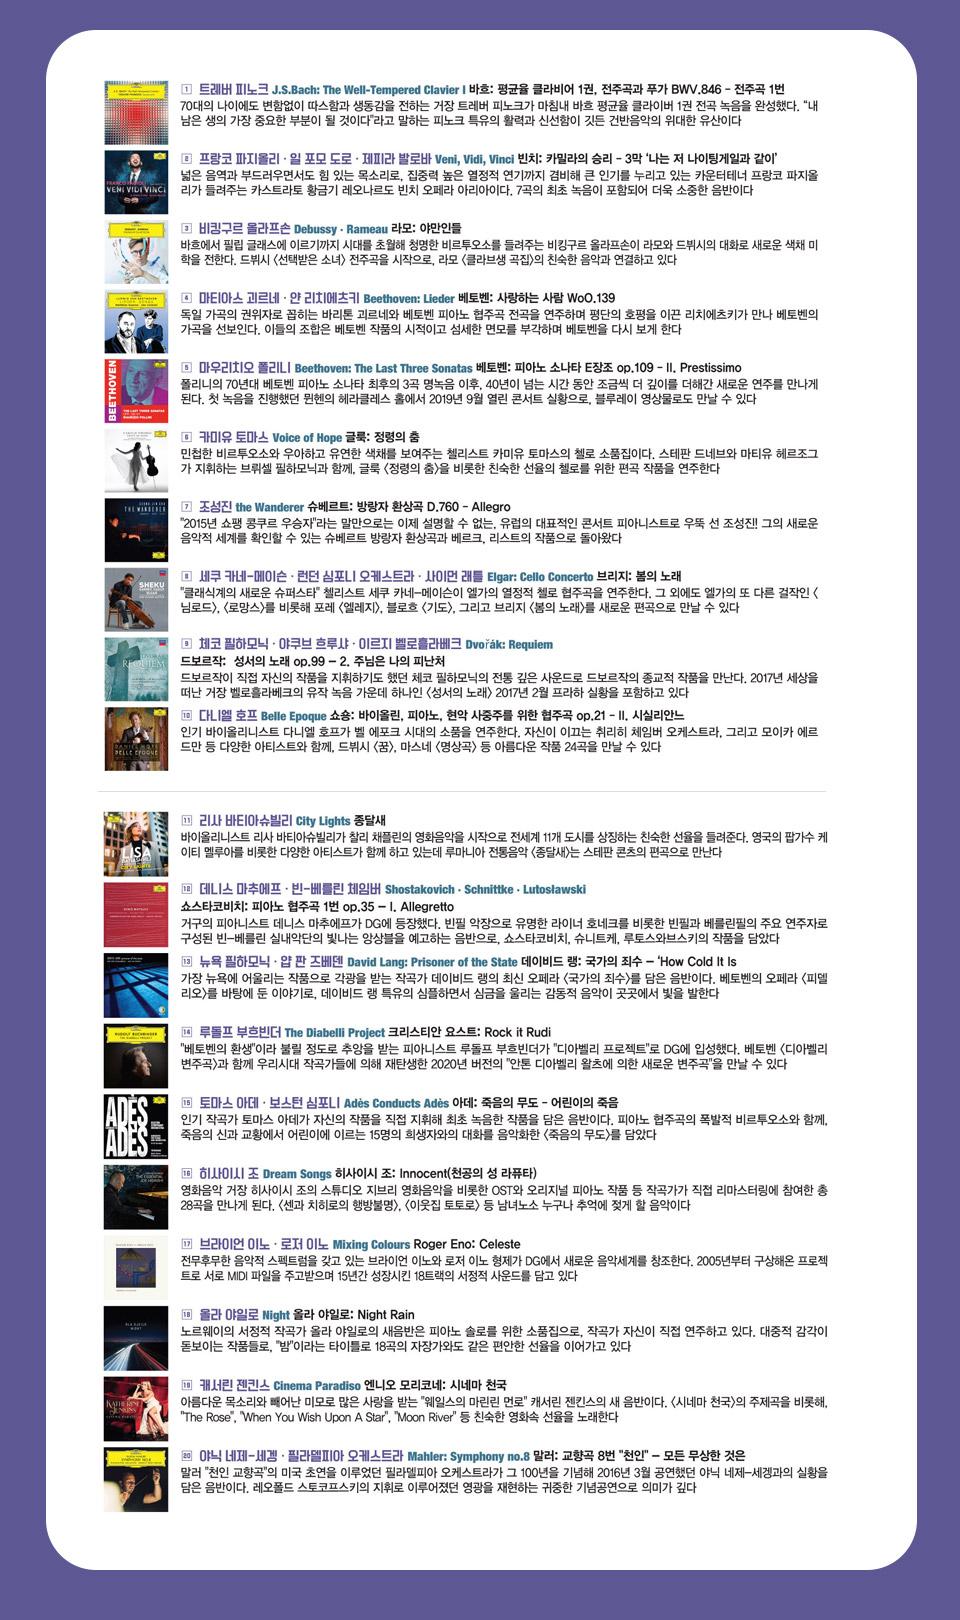 2020 유니버설 뮤직 클래식 샘플러 증정 이벤트